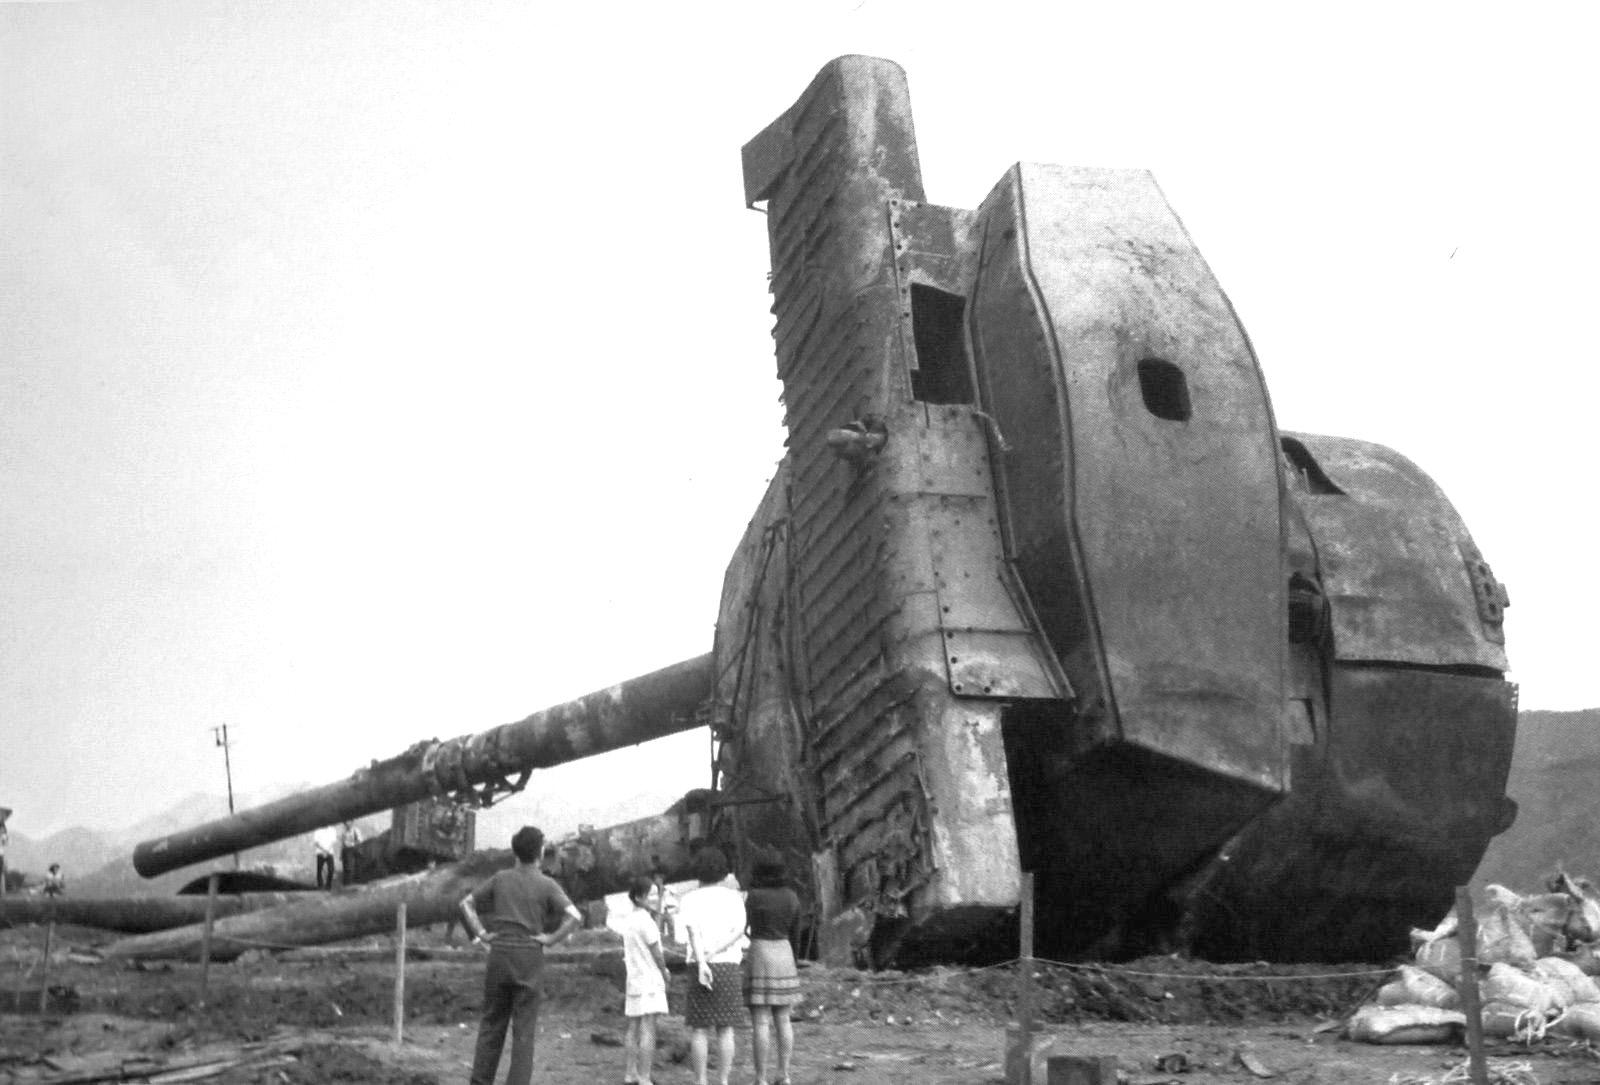 A csatahajók szomorú és dicstelen vége. A lőszerrobbanás miatt elsüllyedt Mutsu egyik kiemelt, bontásra váró lövegtornya.